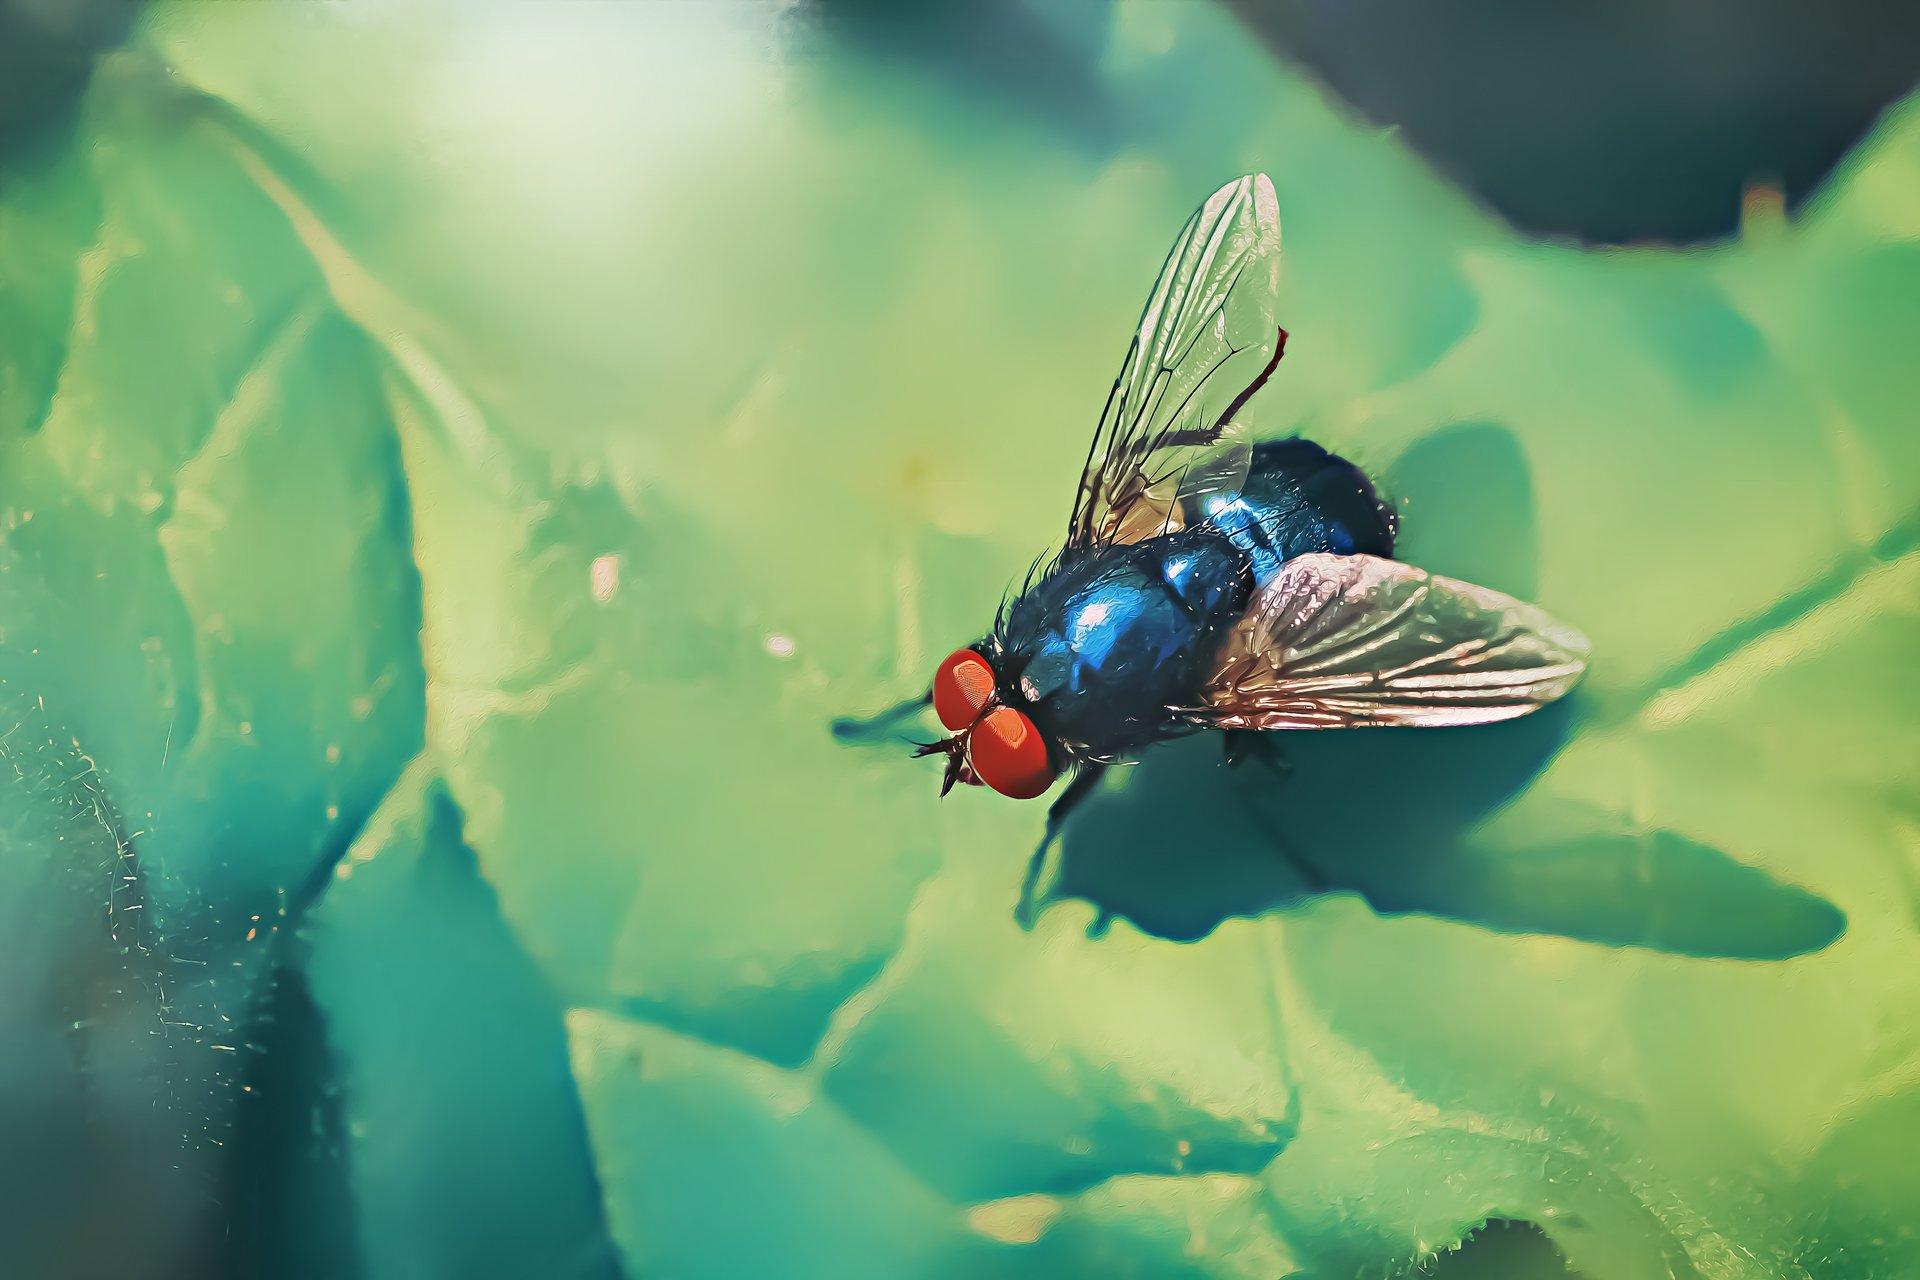 муха, жук, крылья, лист, хобот, свет, муравей, мошки, трава, Котов Юрий